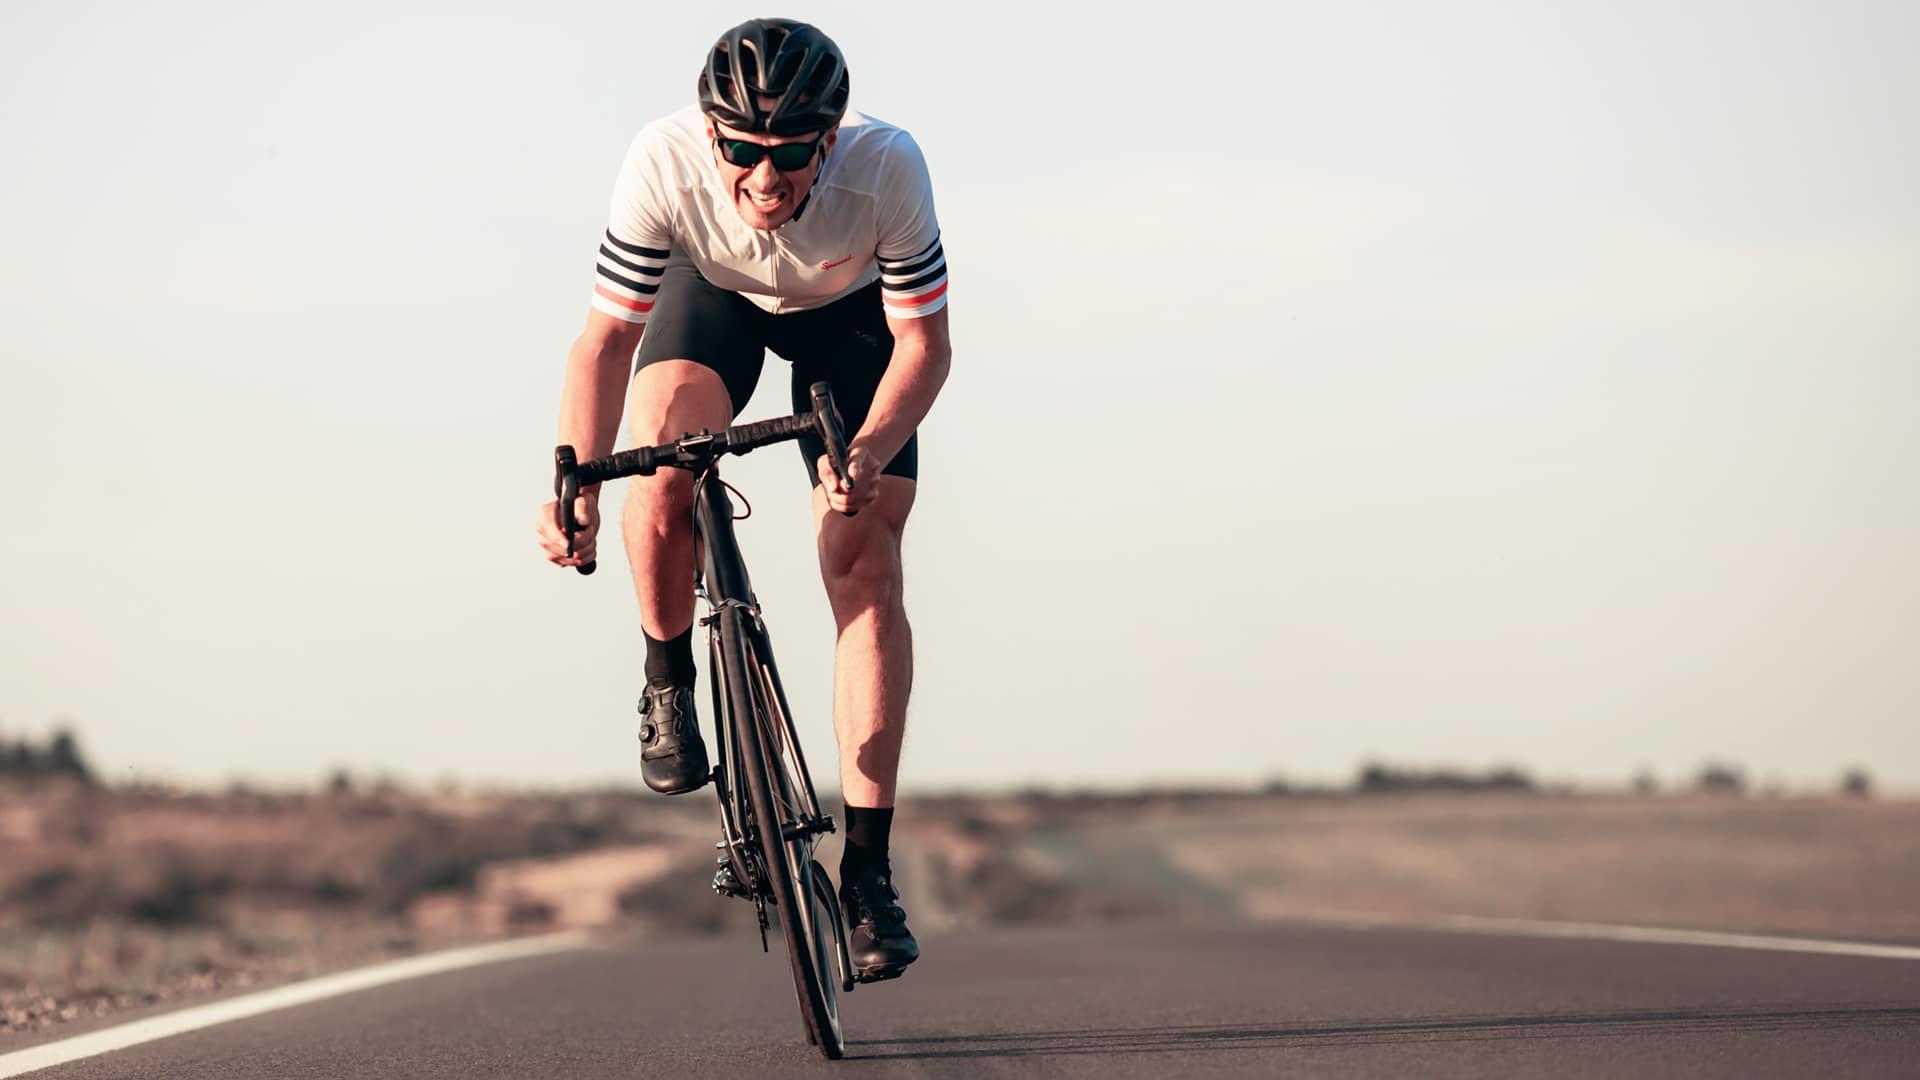 La diététique à l'entraînement est l'une des clés de la réussite - OVERSTIM.s